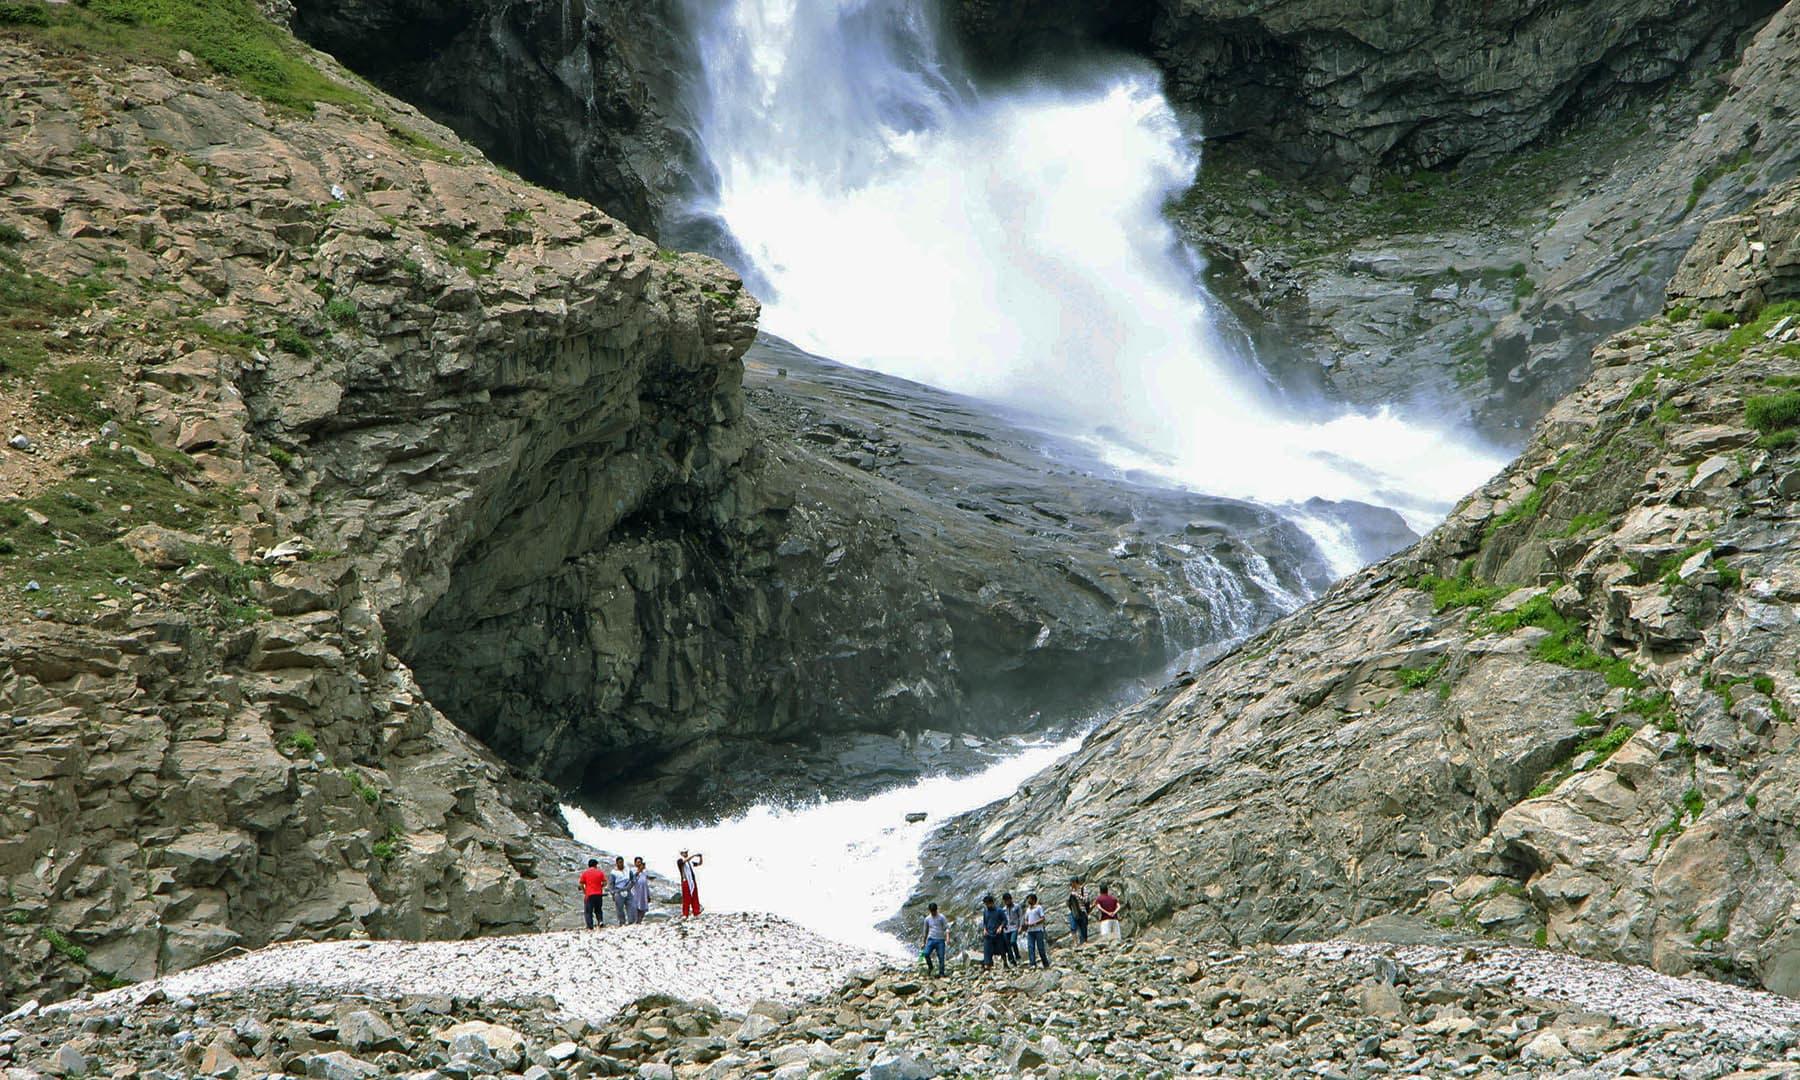 ڈونچار آبشار—تصویر امجد علی سحاب